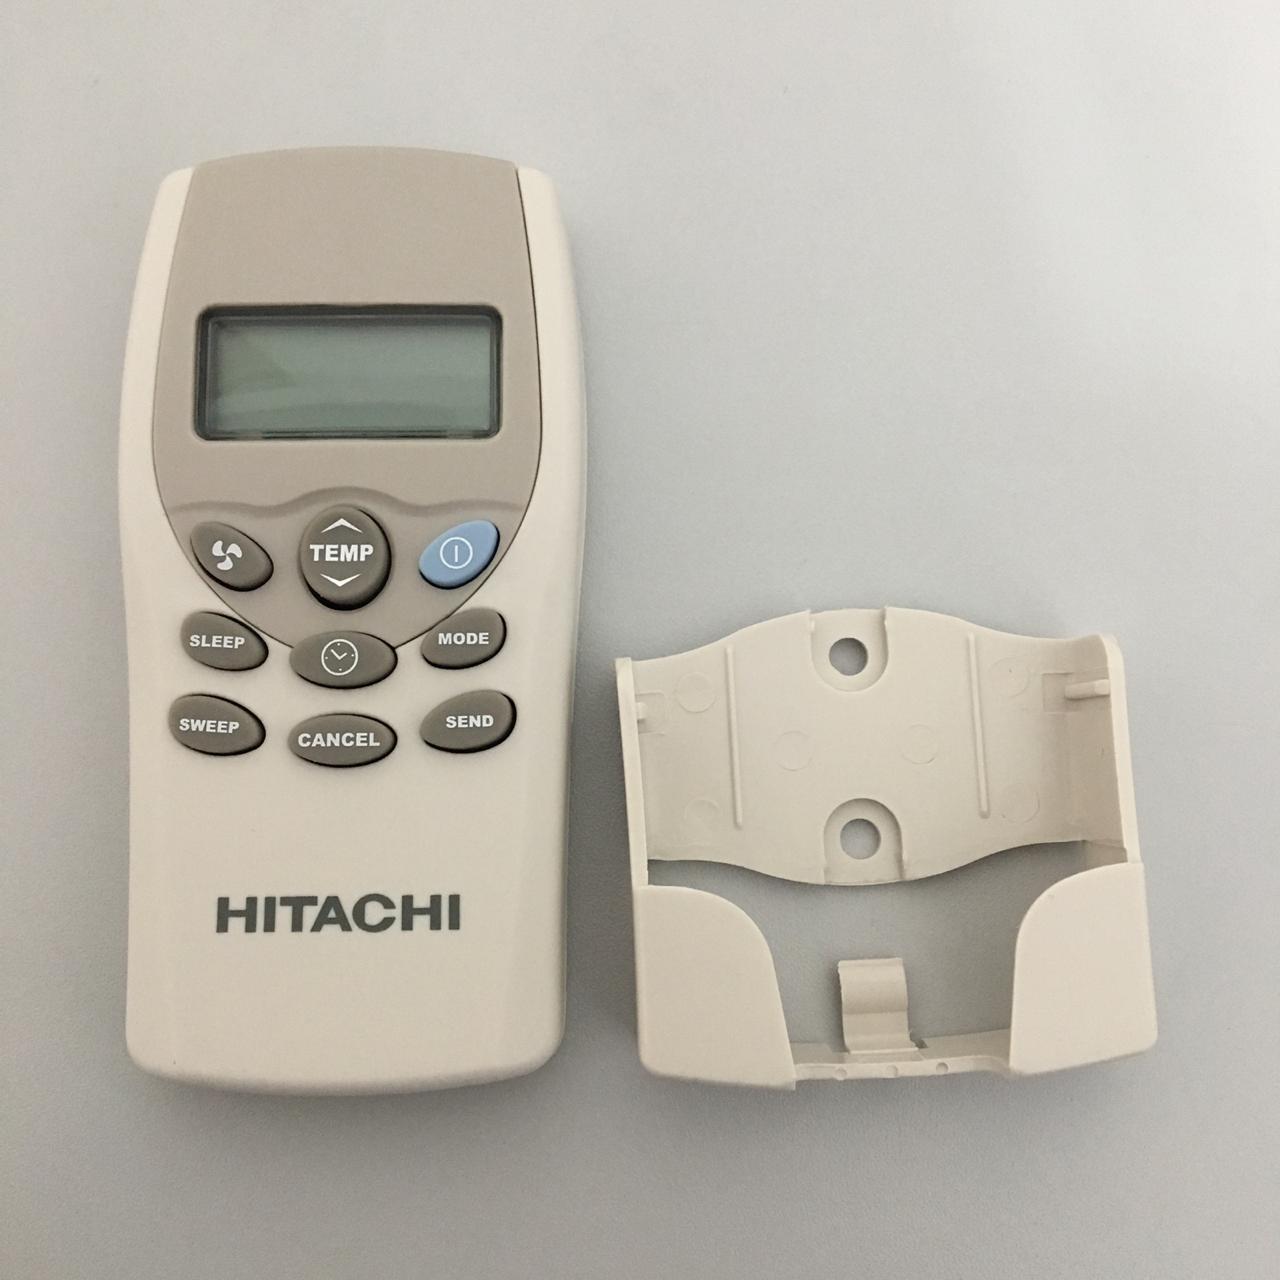 Controle Remoto Ar Condicionado Hitachi HLE7756A Evaporadora Cassete família Set Free e Utopia